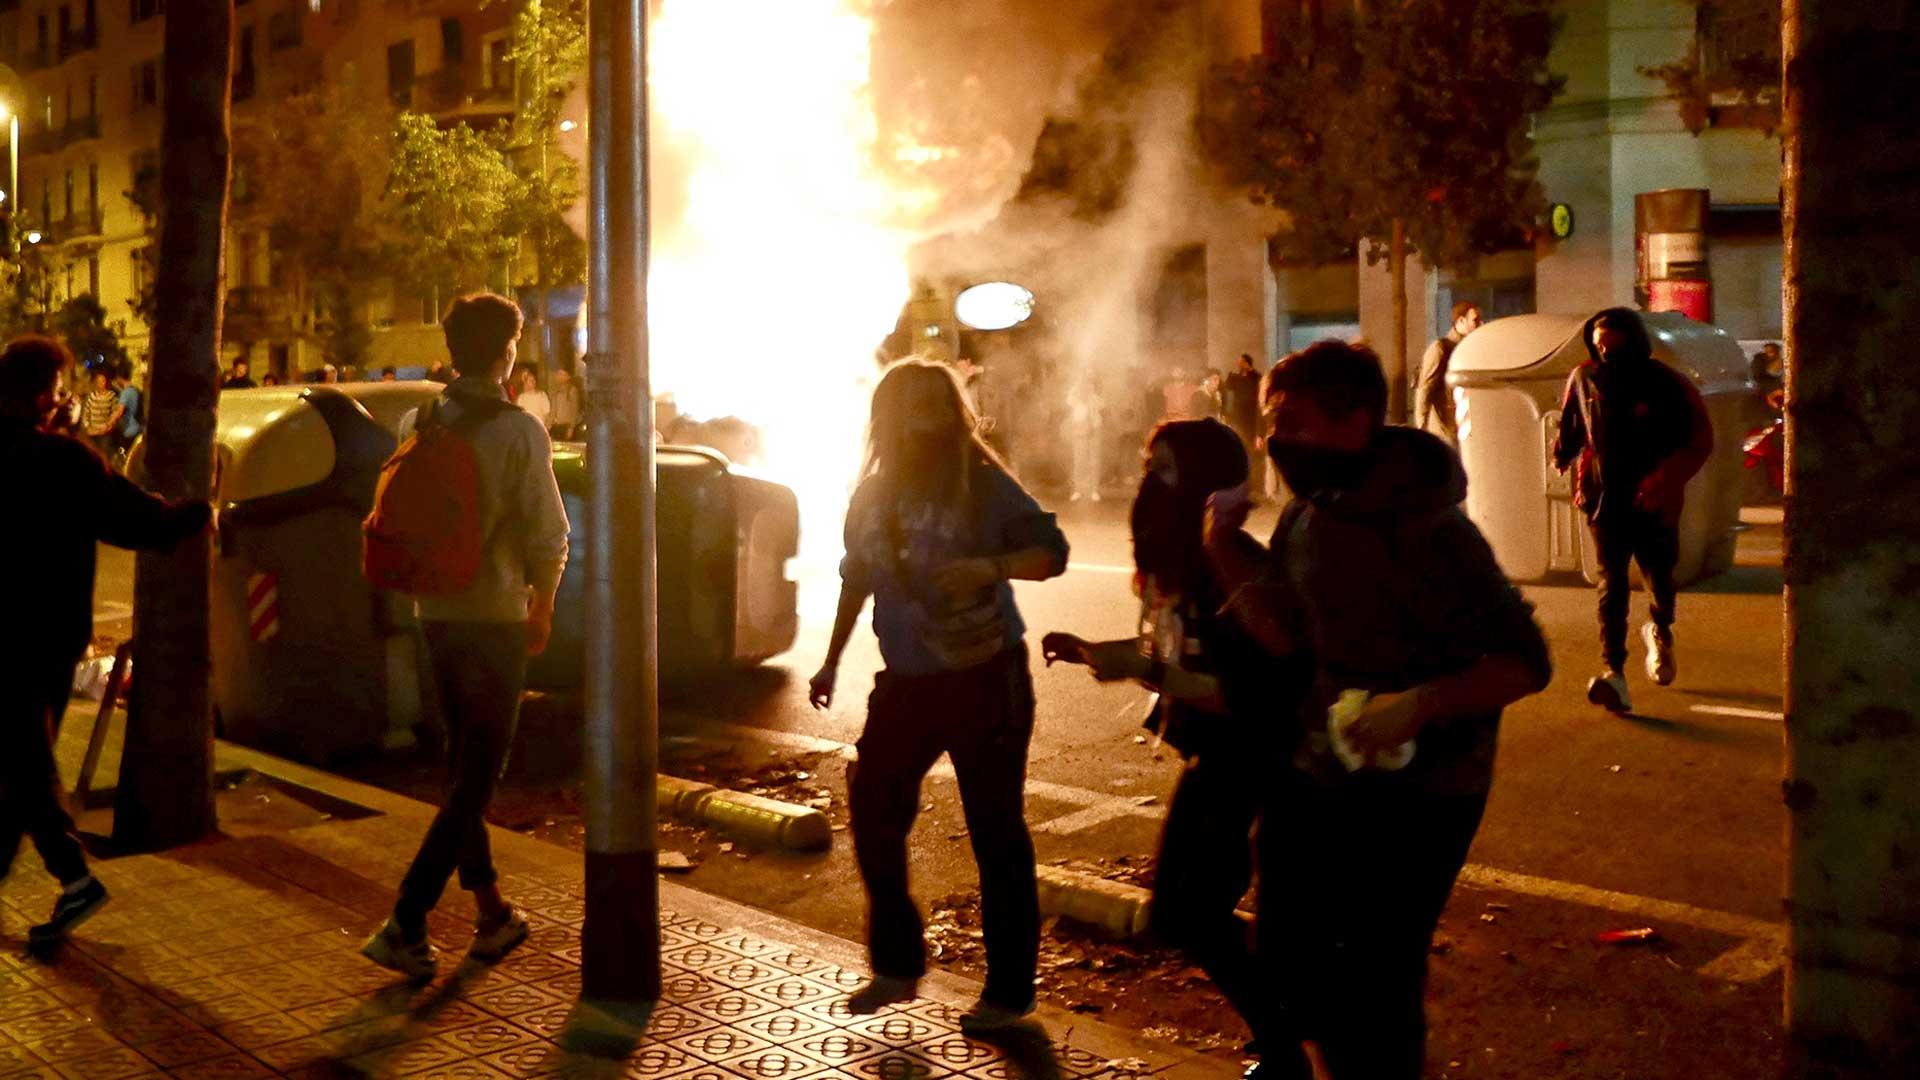 Vangittujen poliitikkojen vapauttamista vaativat mielenosoitukset riistäytyivät väkivaltaisiksi lokakuussa Barcelonassa.